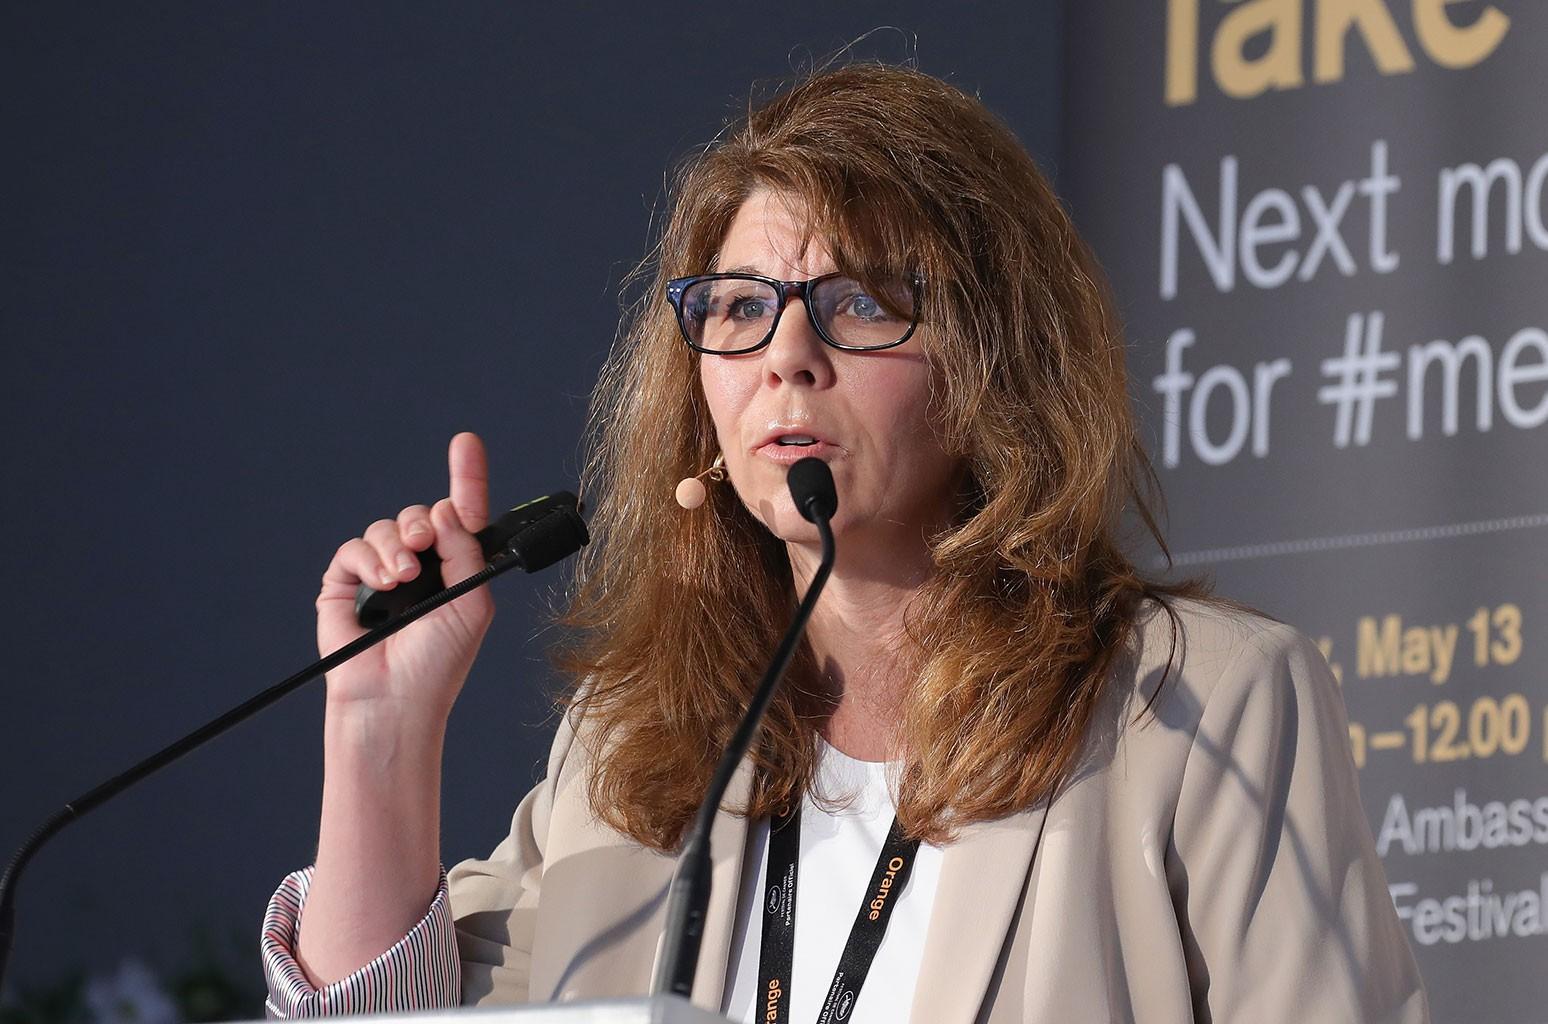 Stacy L. Smith